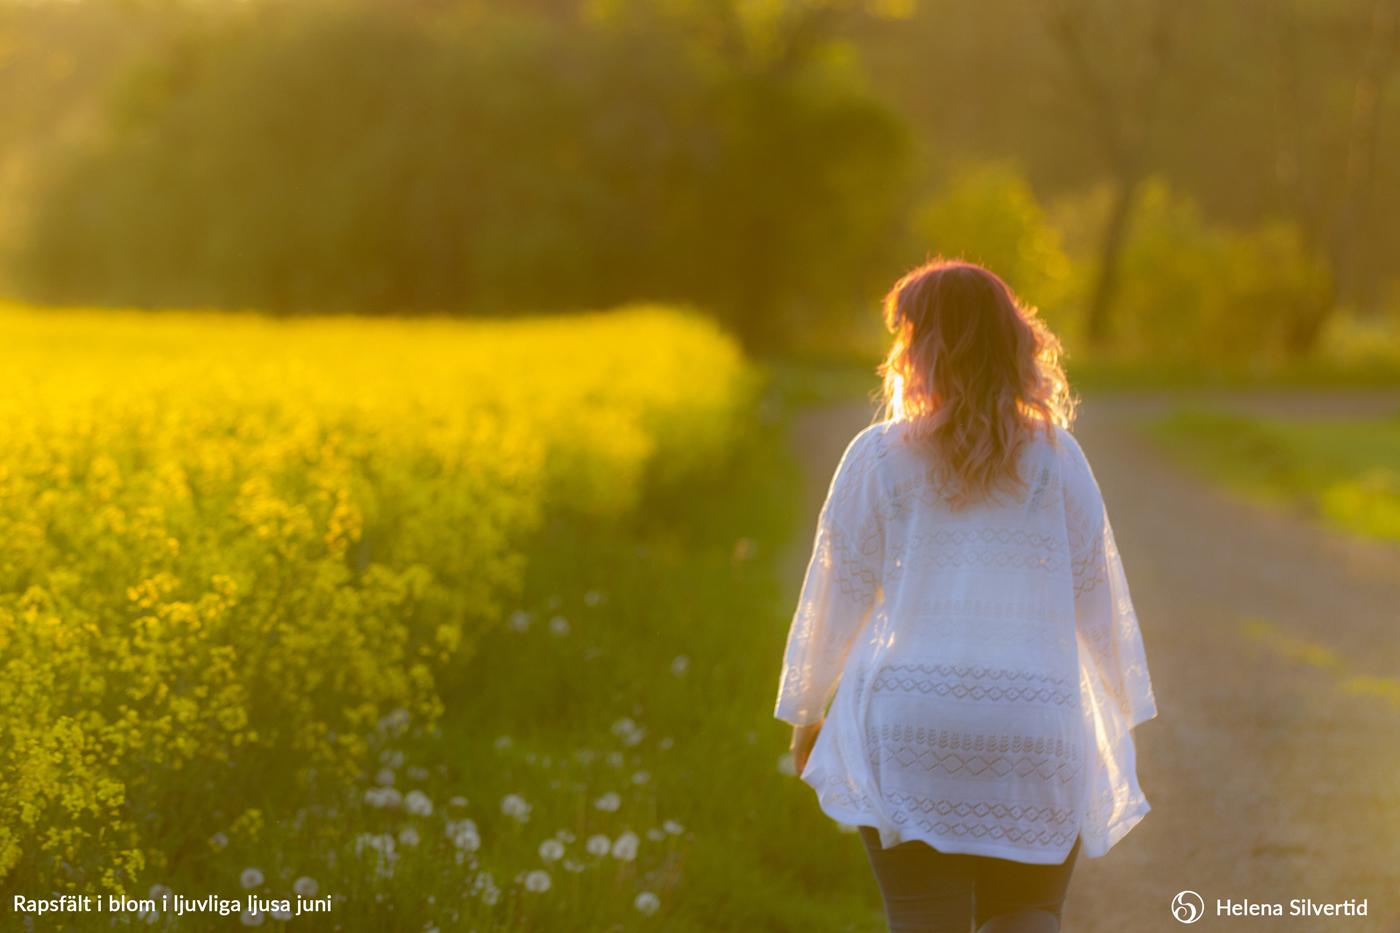 06-2021-Juni-Rapsfält-i-blom-i-ljuvliga-ljusa-juni-Foto-av-Helena-Silvertid